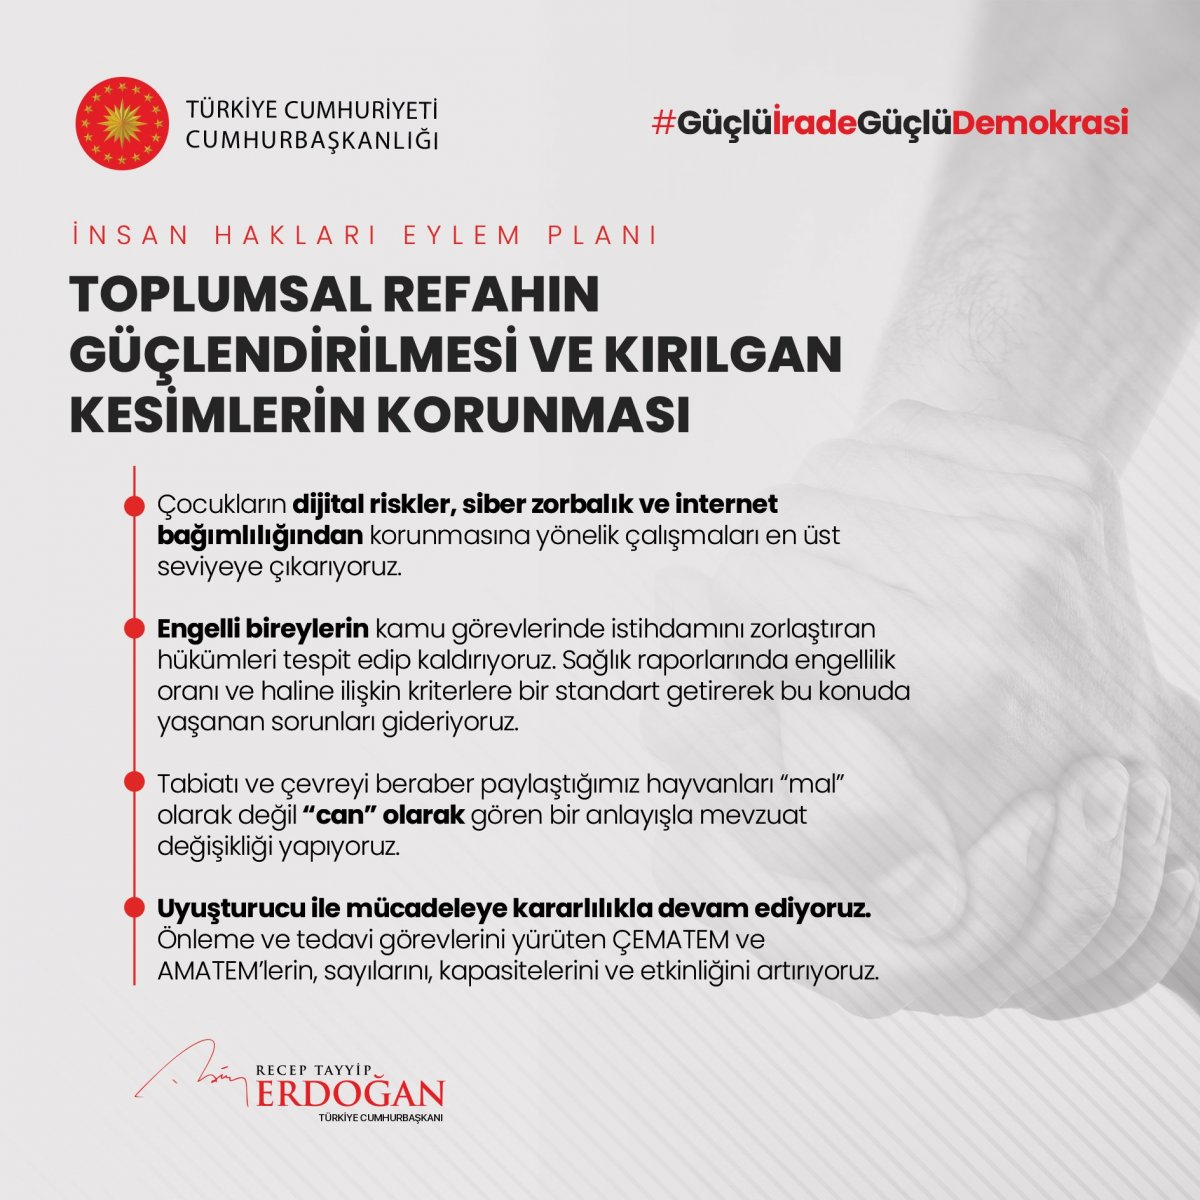 Erdoğan, İnsan Hakları Eylem Planı'nın 11 ilkesini açıkladı #8